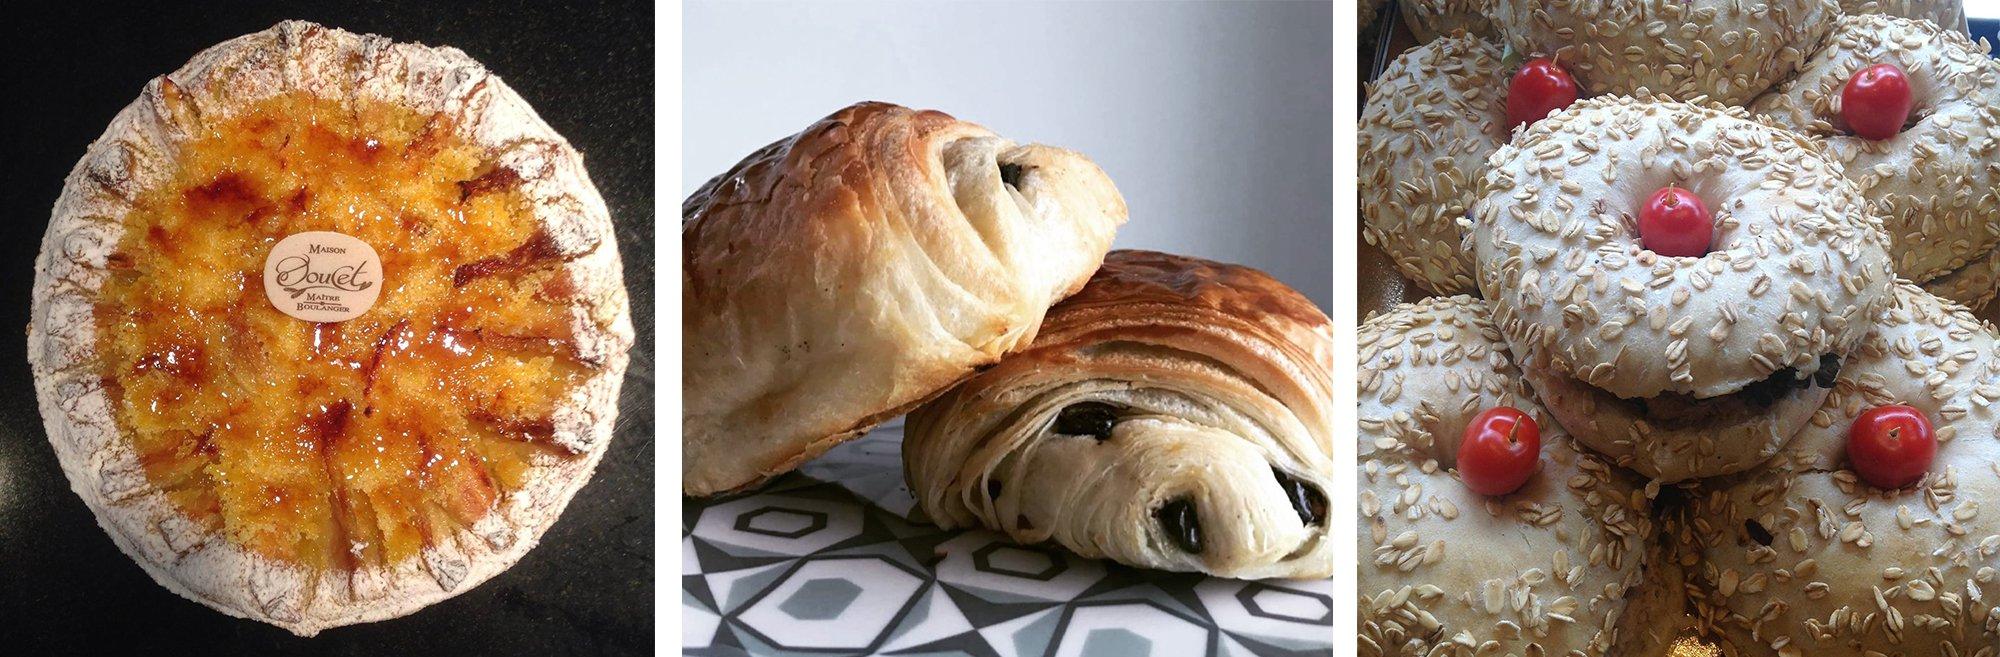 Autres produits de la boulangerie patisserie Maison Doucet Lille